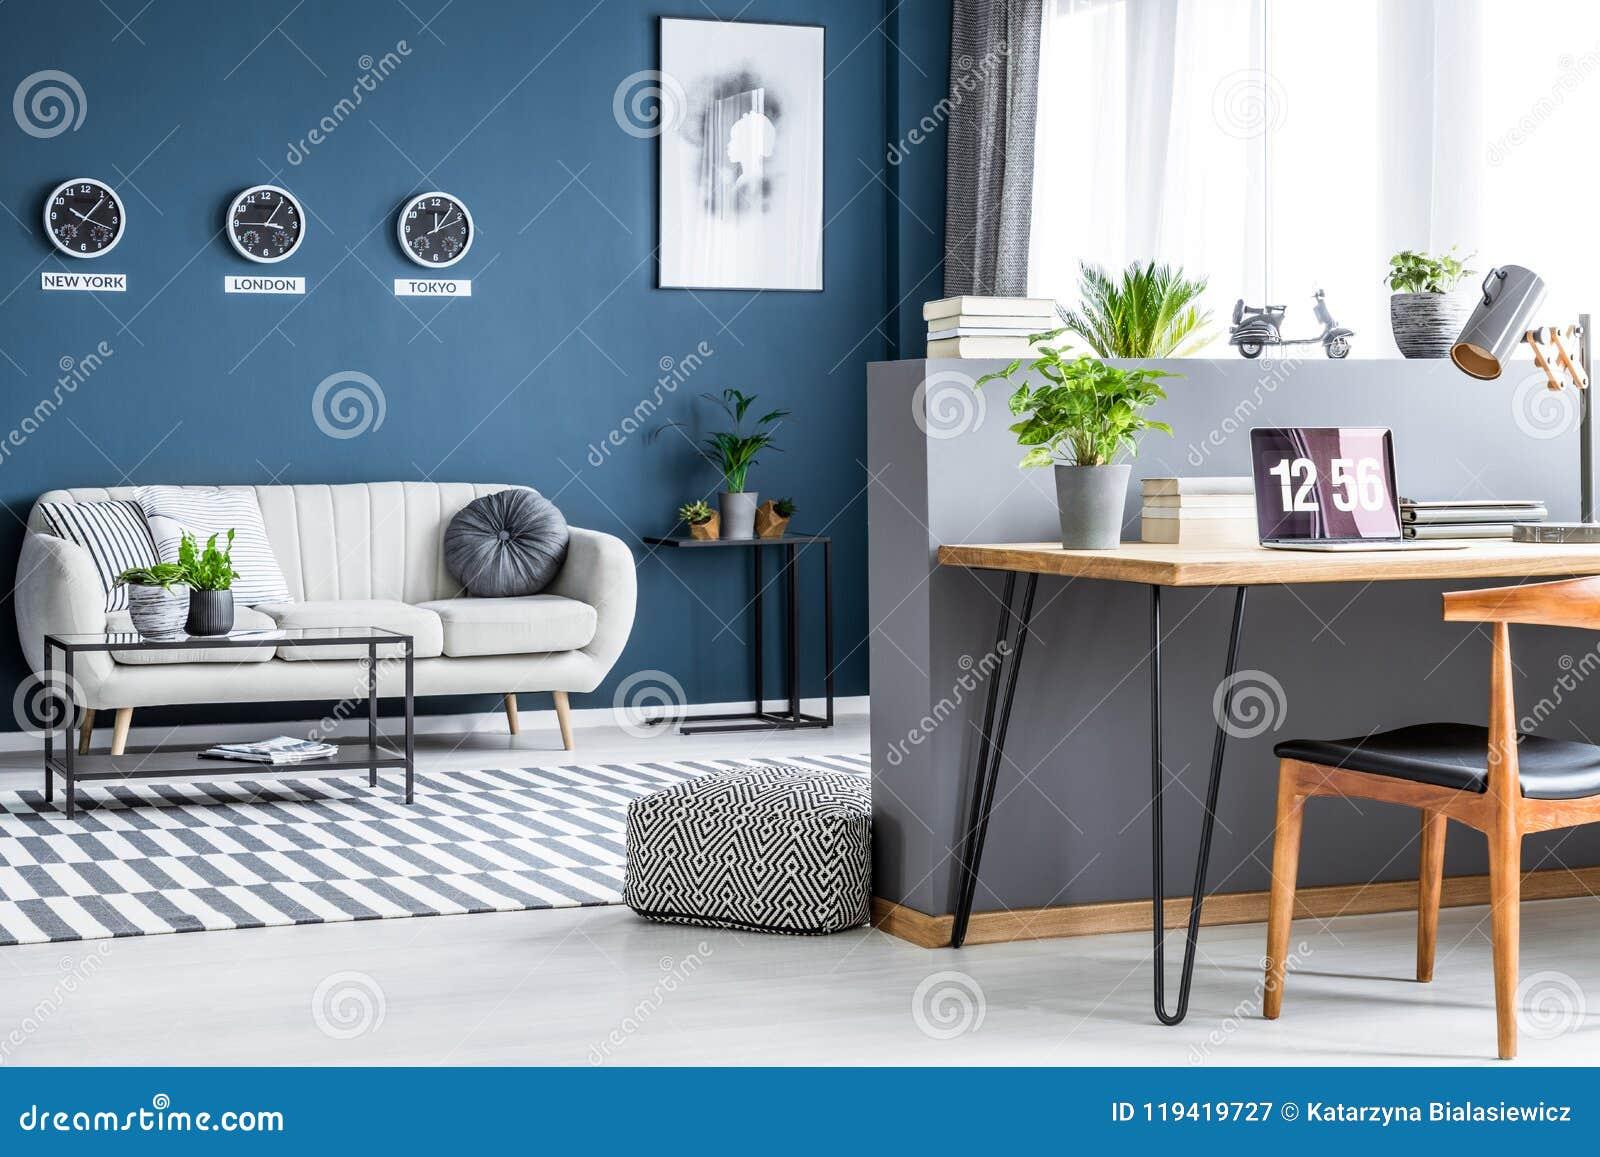 Intérieur bleu-foncé de salon avec trois horloges, affiche simple,